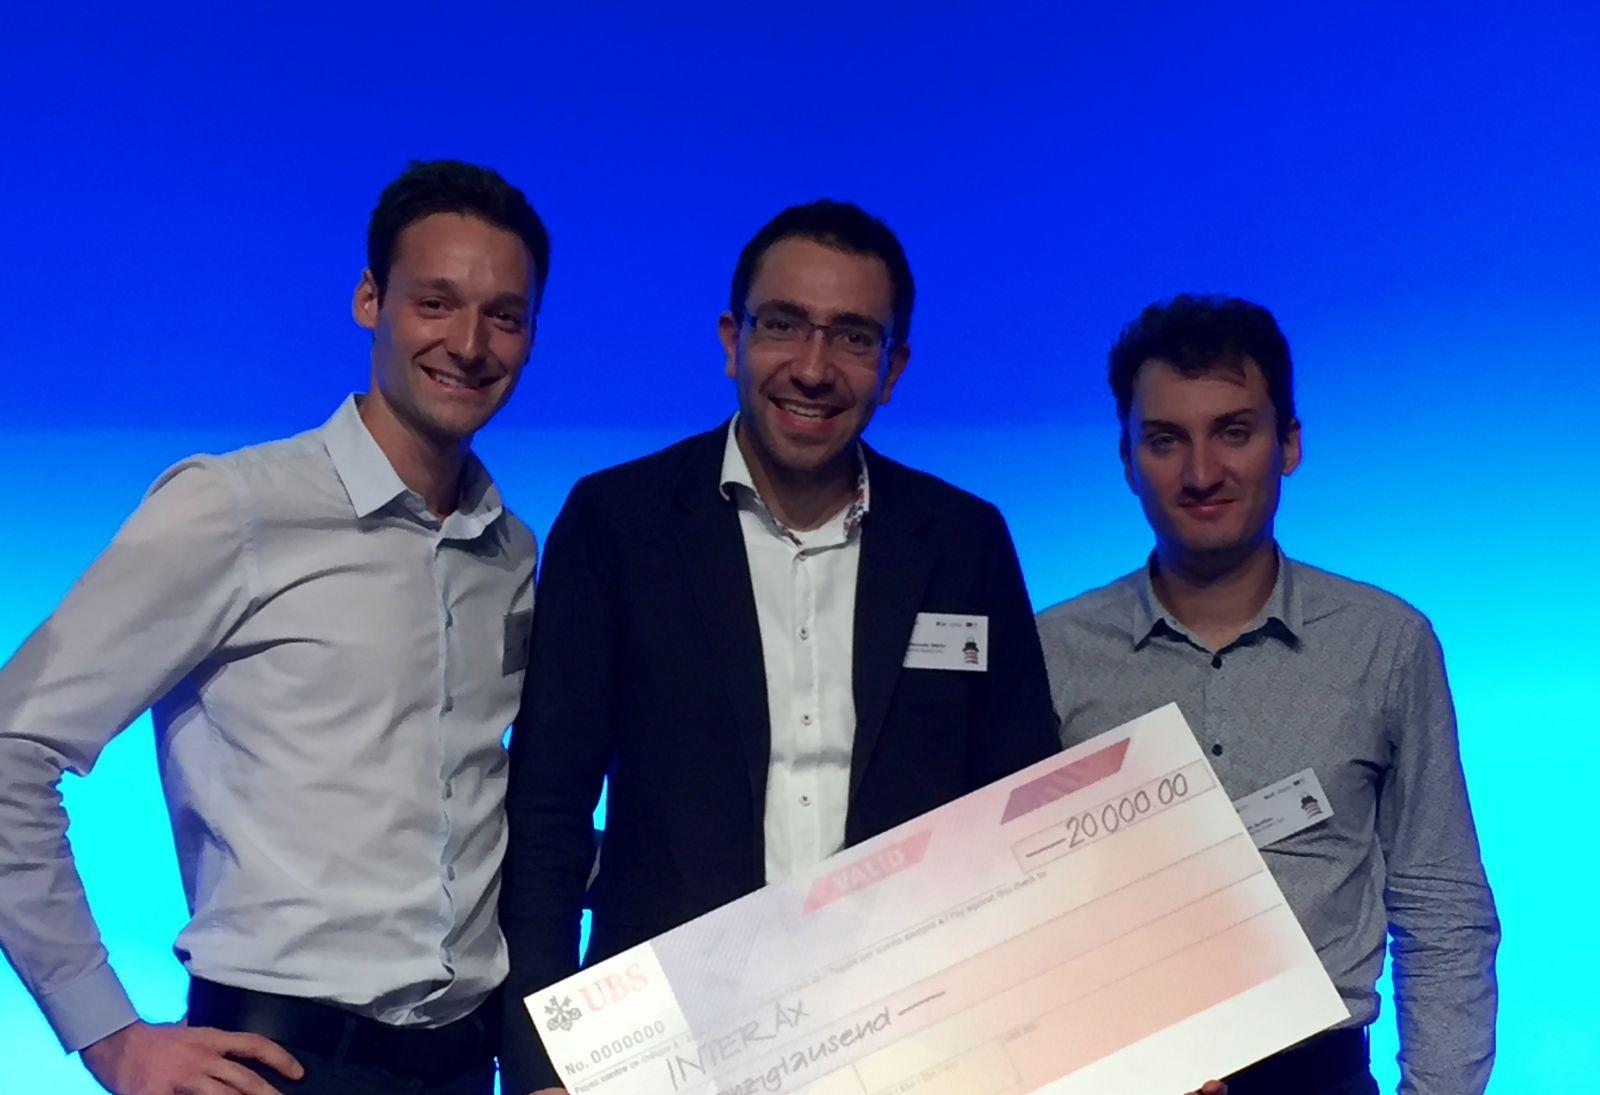 InterAx Biotech team: Luca Zenone, Dr. Martin Ostermaier and Dr. Aurélien Rizk